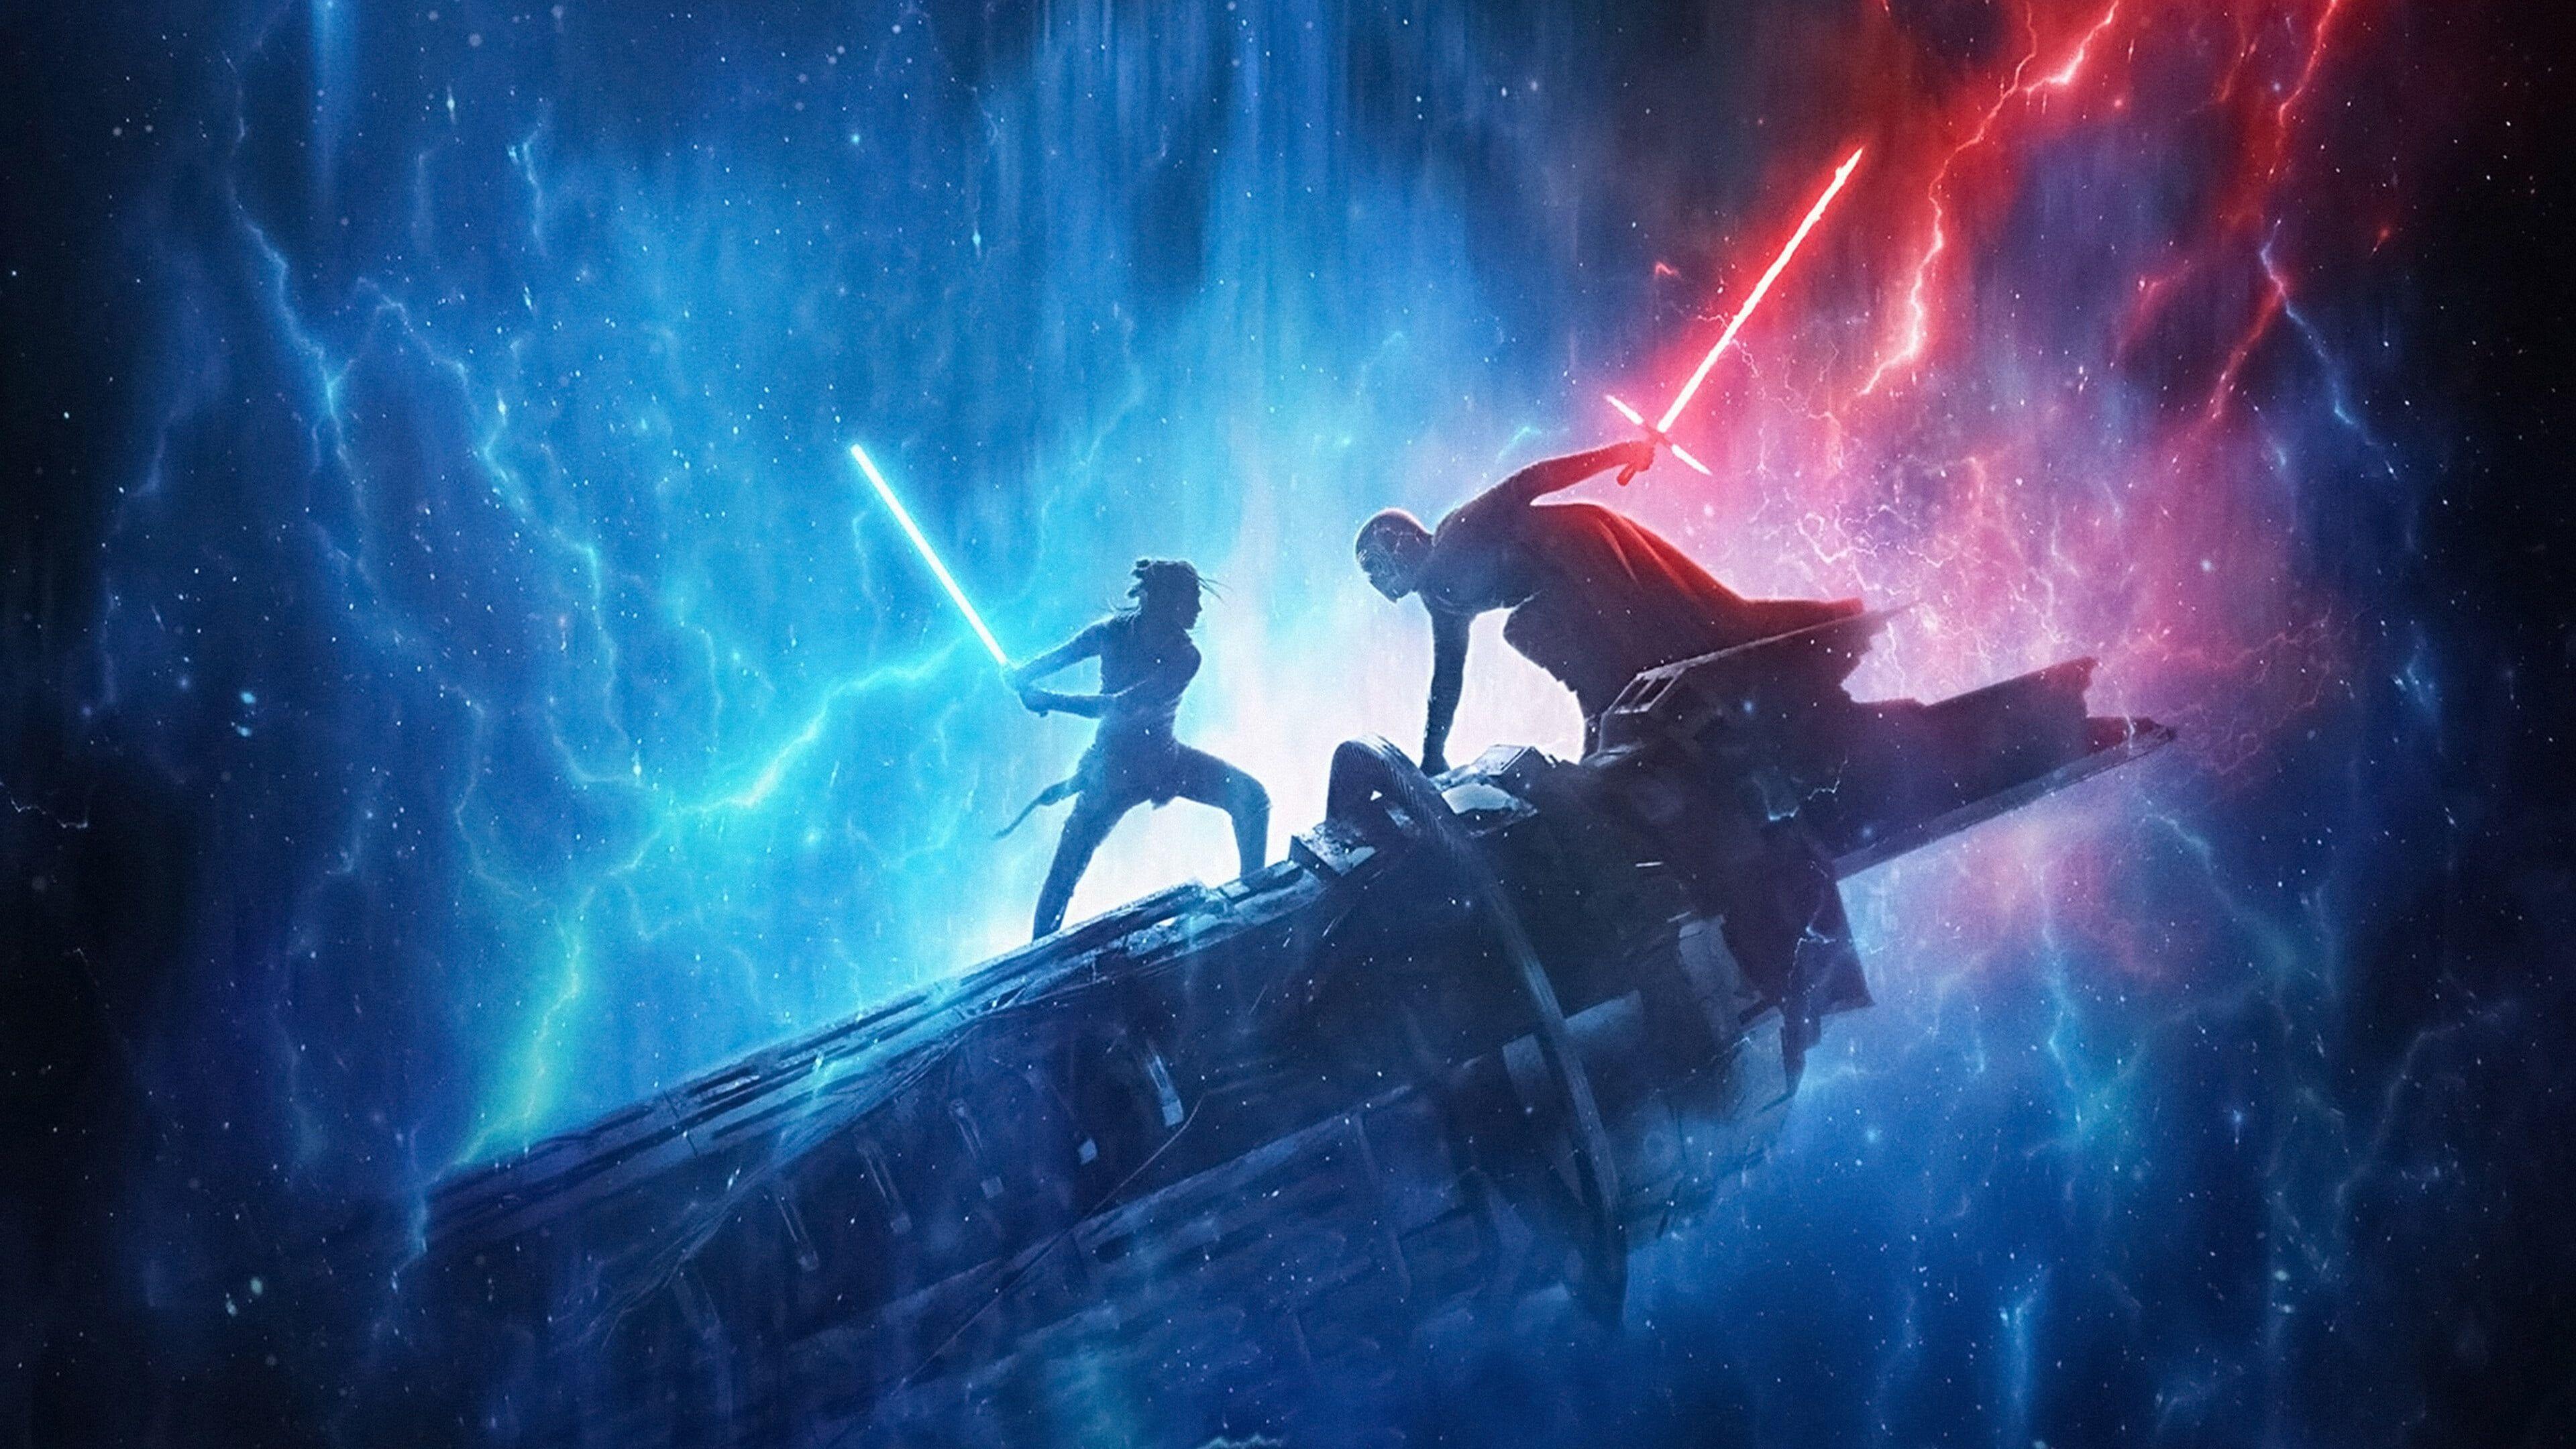 Star Wars Star Wars The Rise Of Skywalker Movie Poster In 2020 Star Wars Wallpaper Star Wars Watch Star Wars Movie